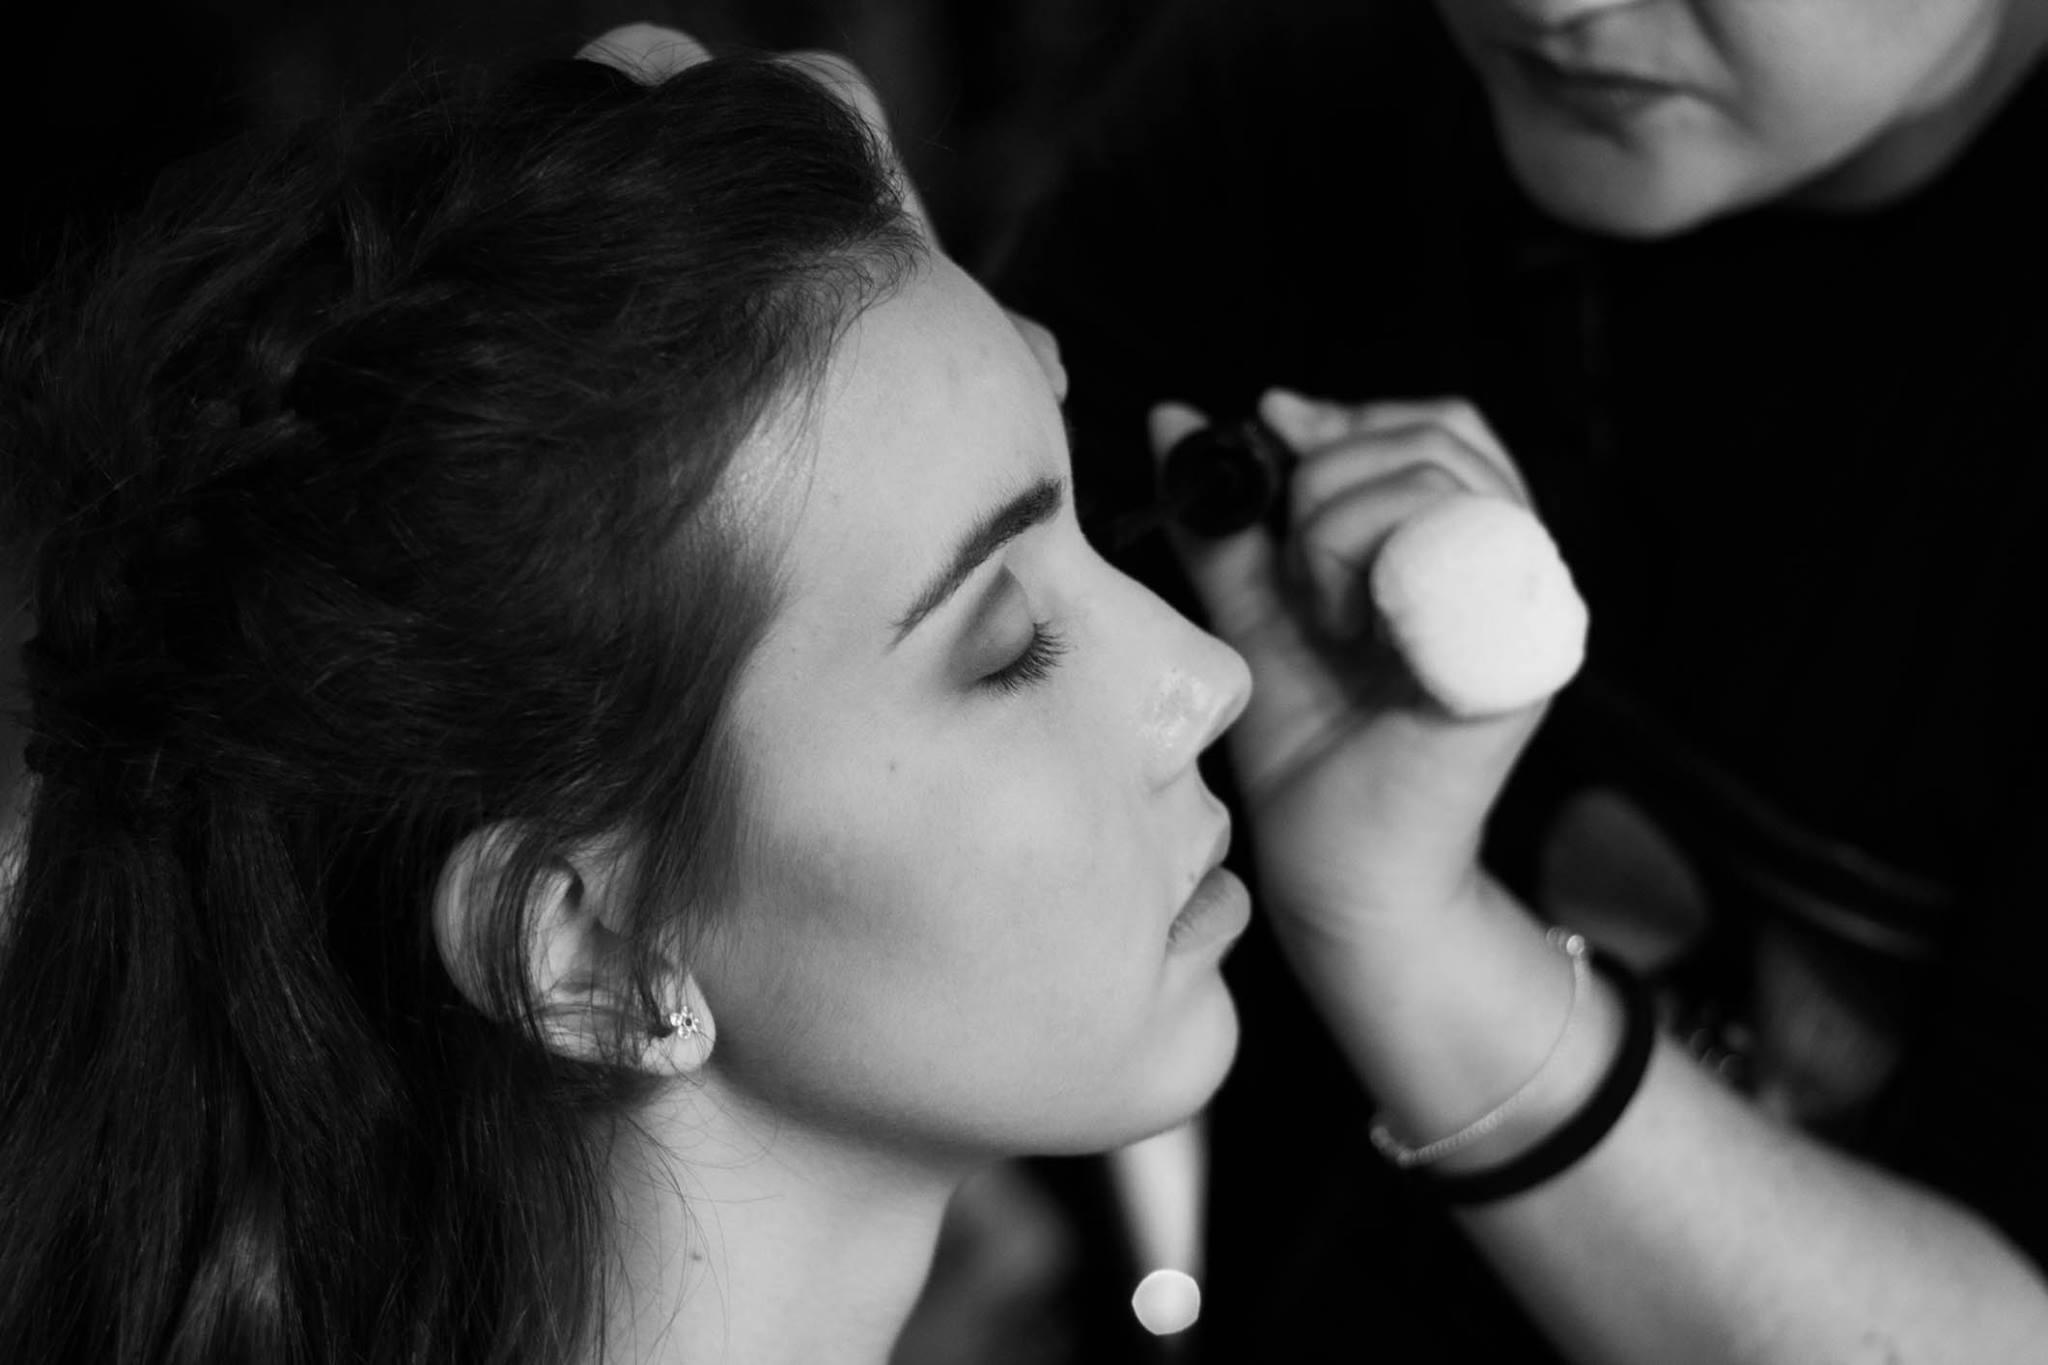 pasarela-espanola-fotografia-elisabeth-mosler